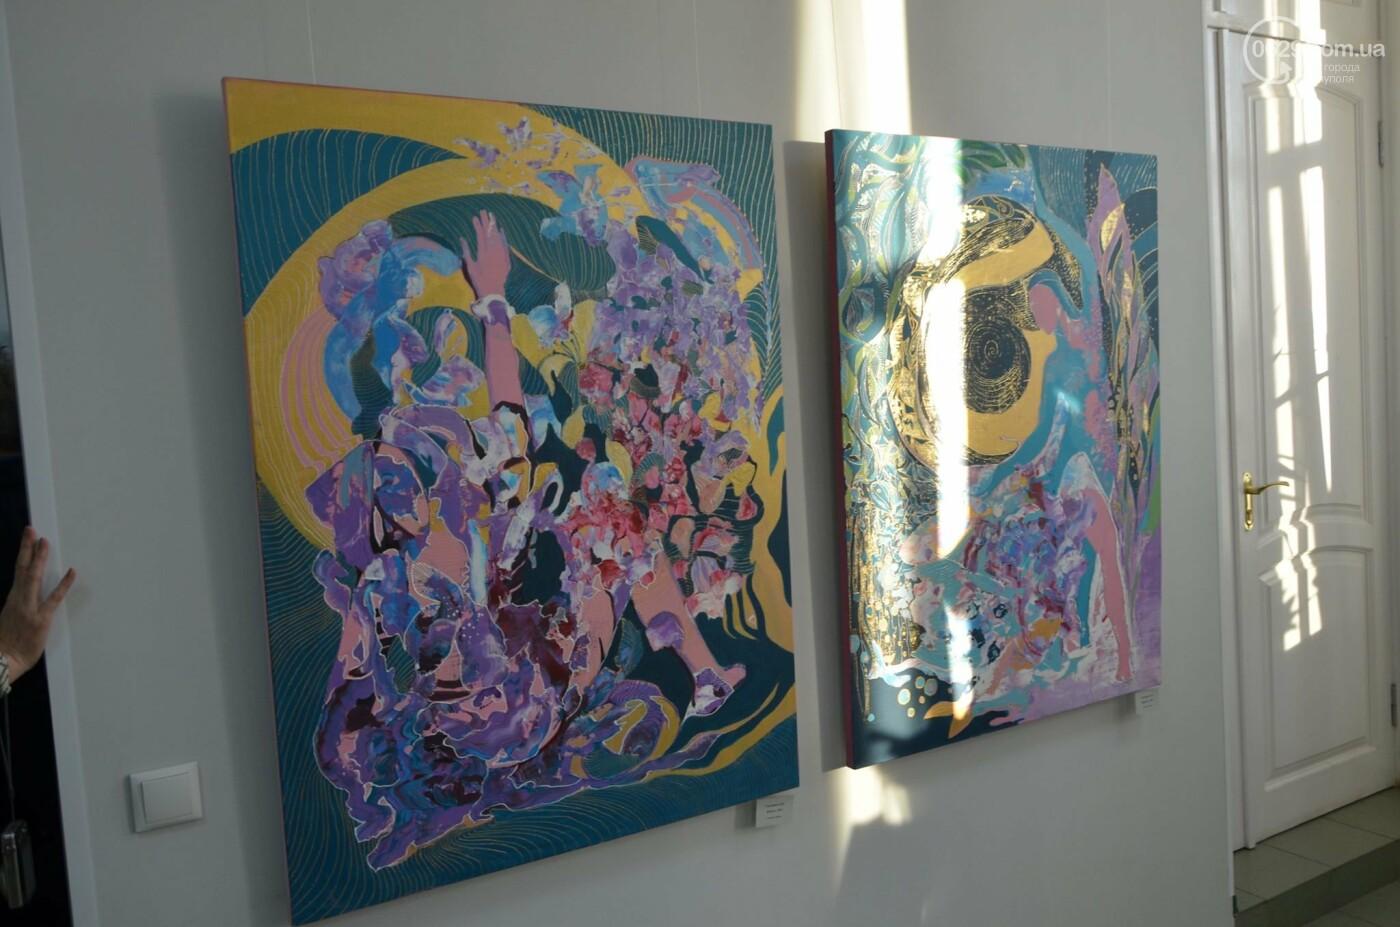 Золото на черном. Мариупольская  художница  Оксана Гнатышин  представила картины в авангардном стиле,-   ФОТО, фото-9